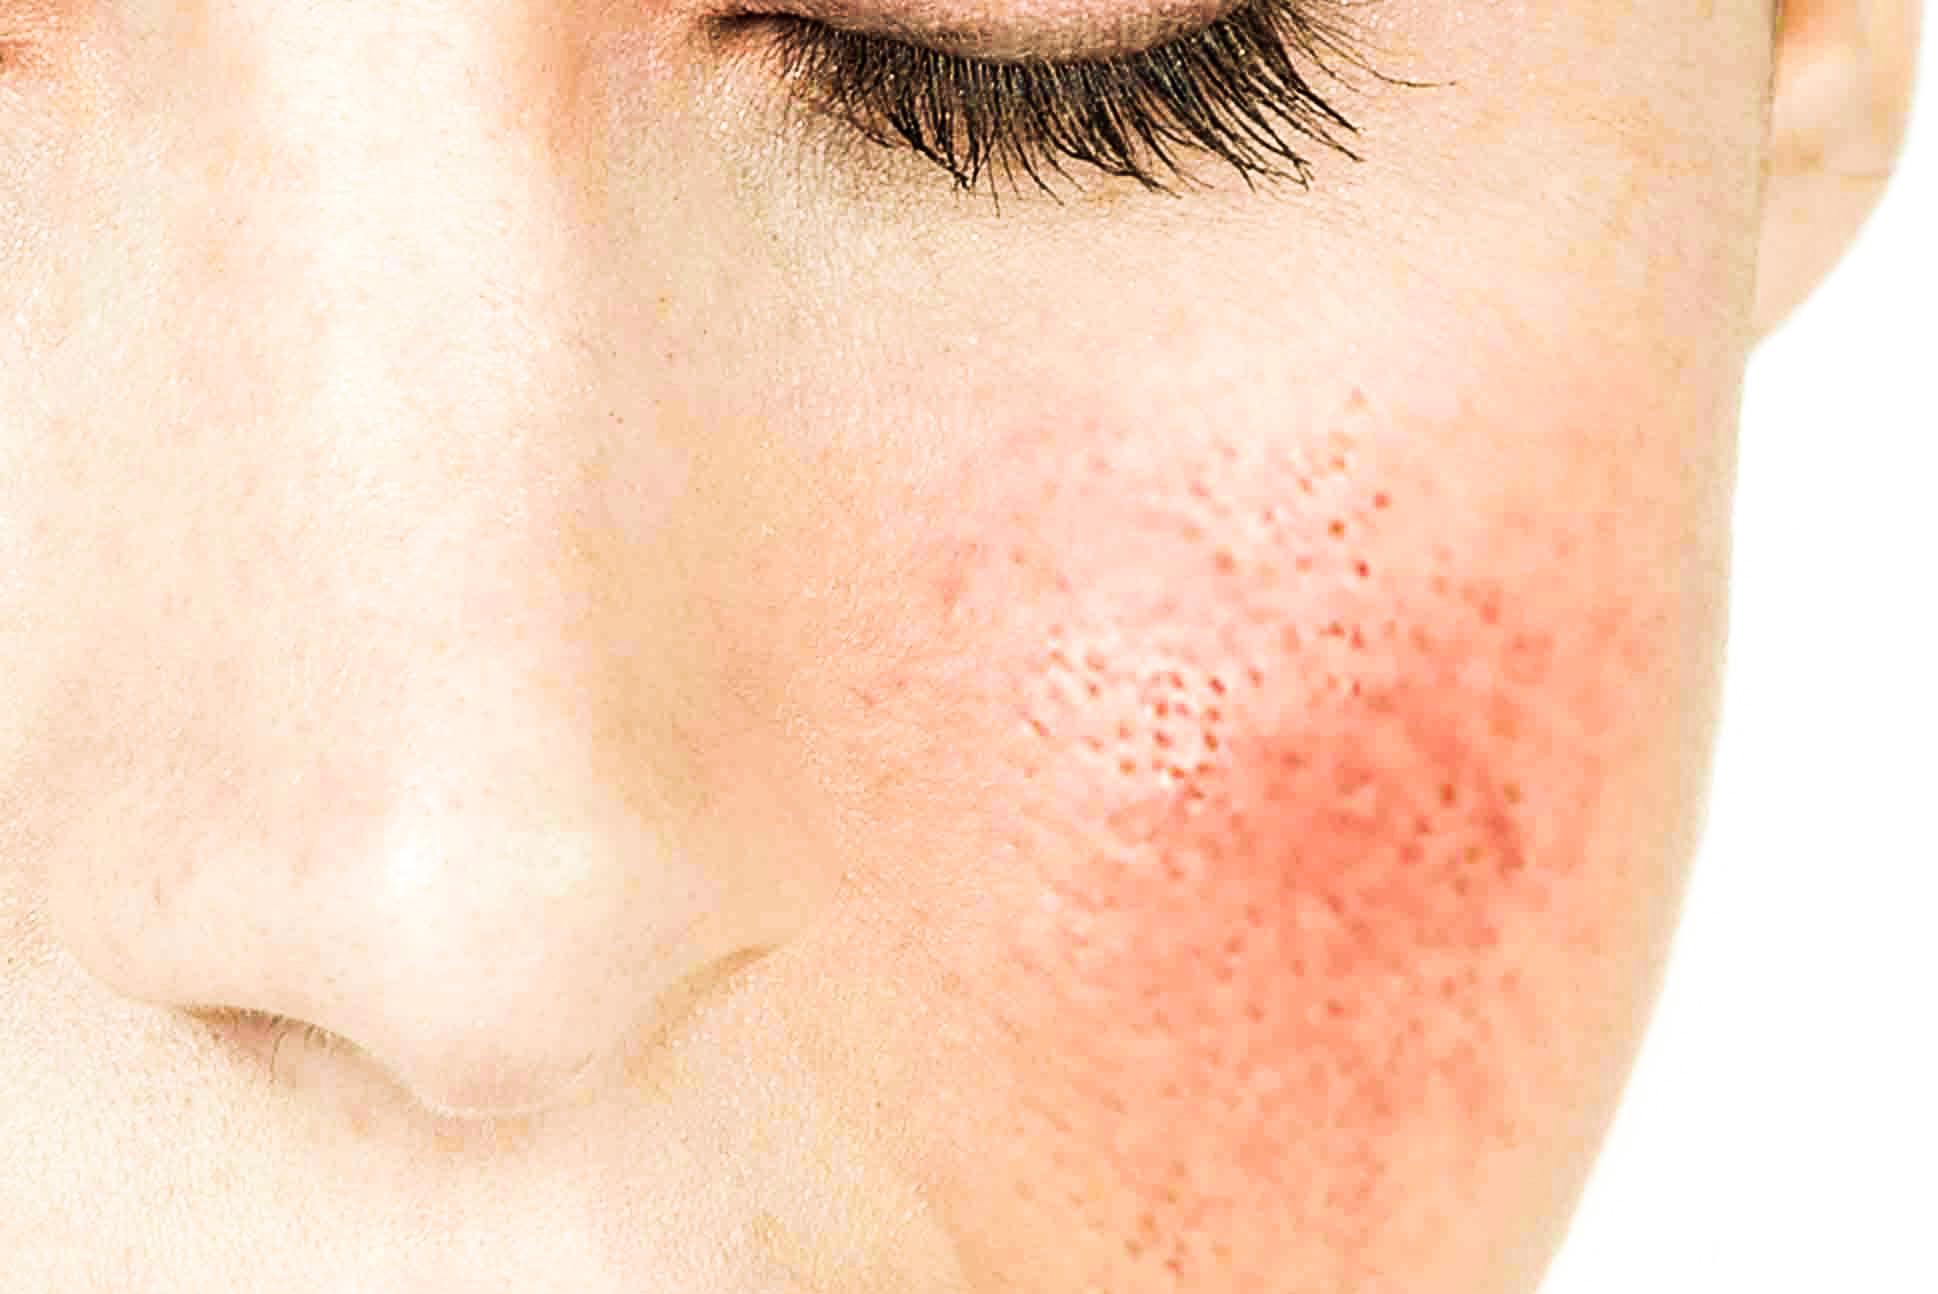 C mo evito la irritaci n en la piel de mi rostro y como - Rodillo para lacar ...